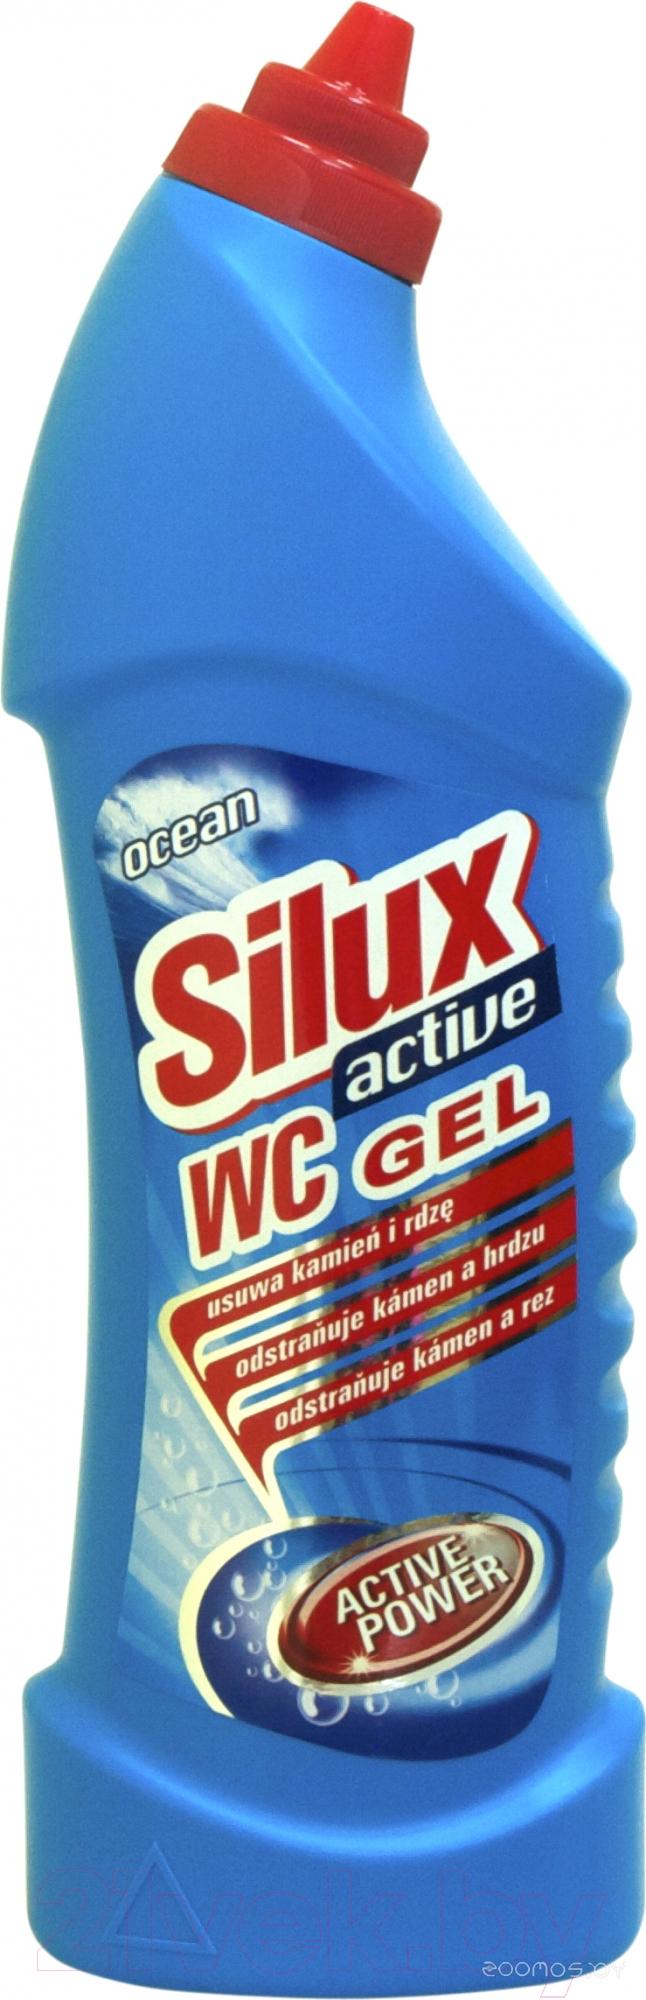 Silux WC Gel Океан